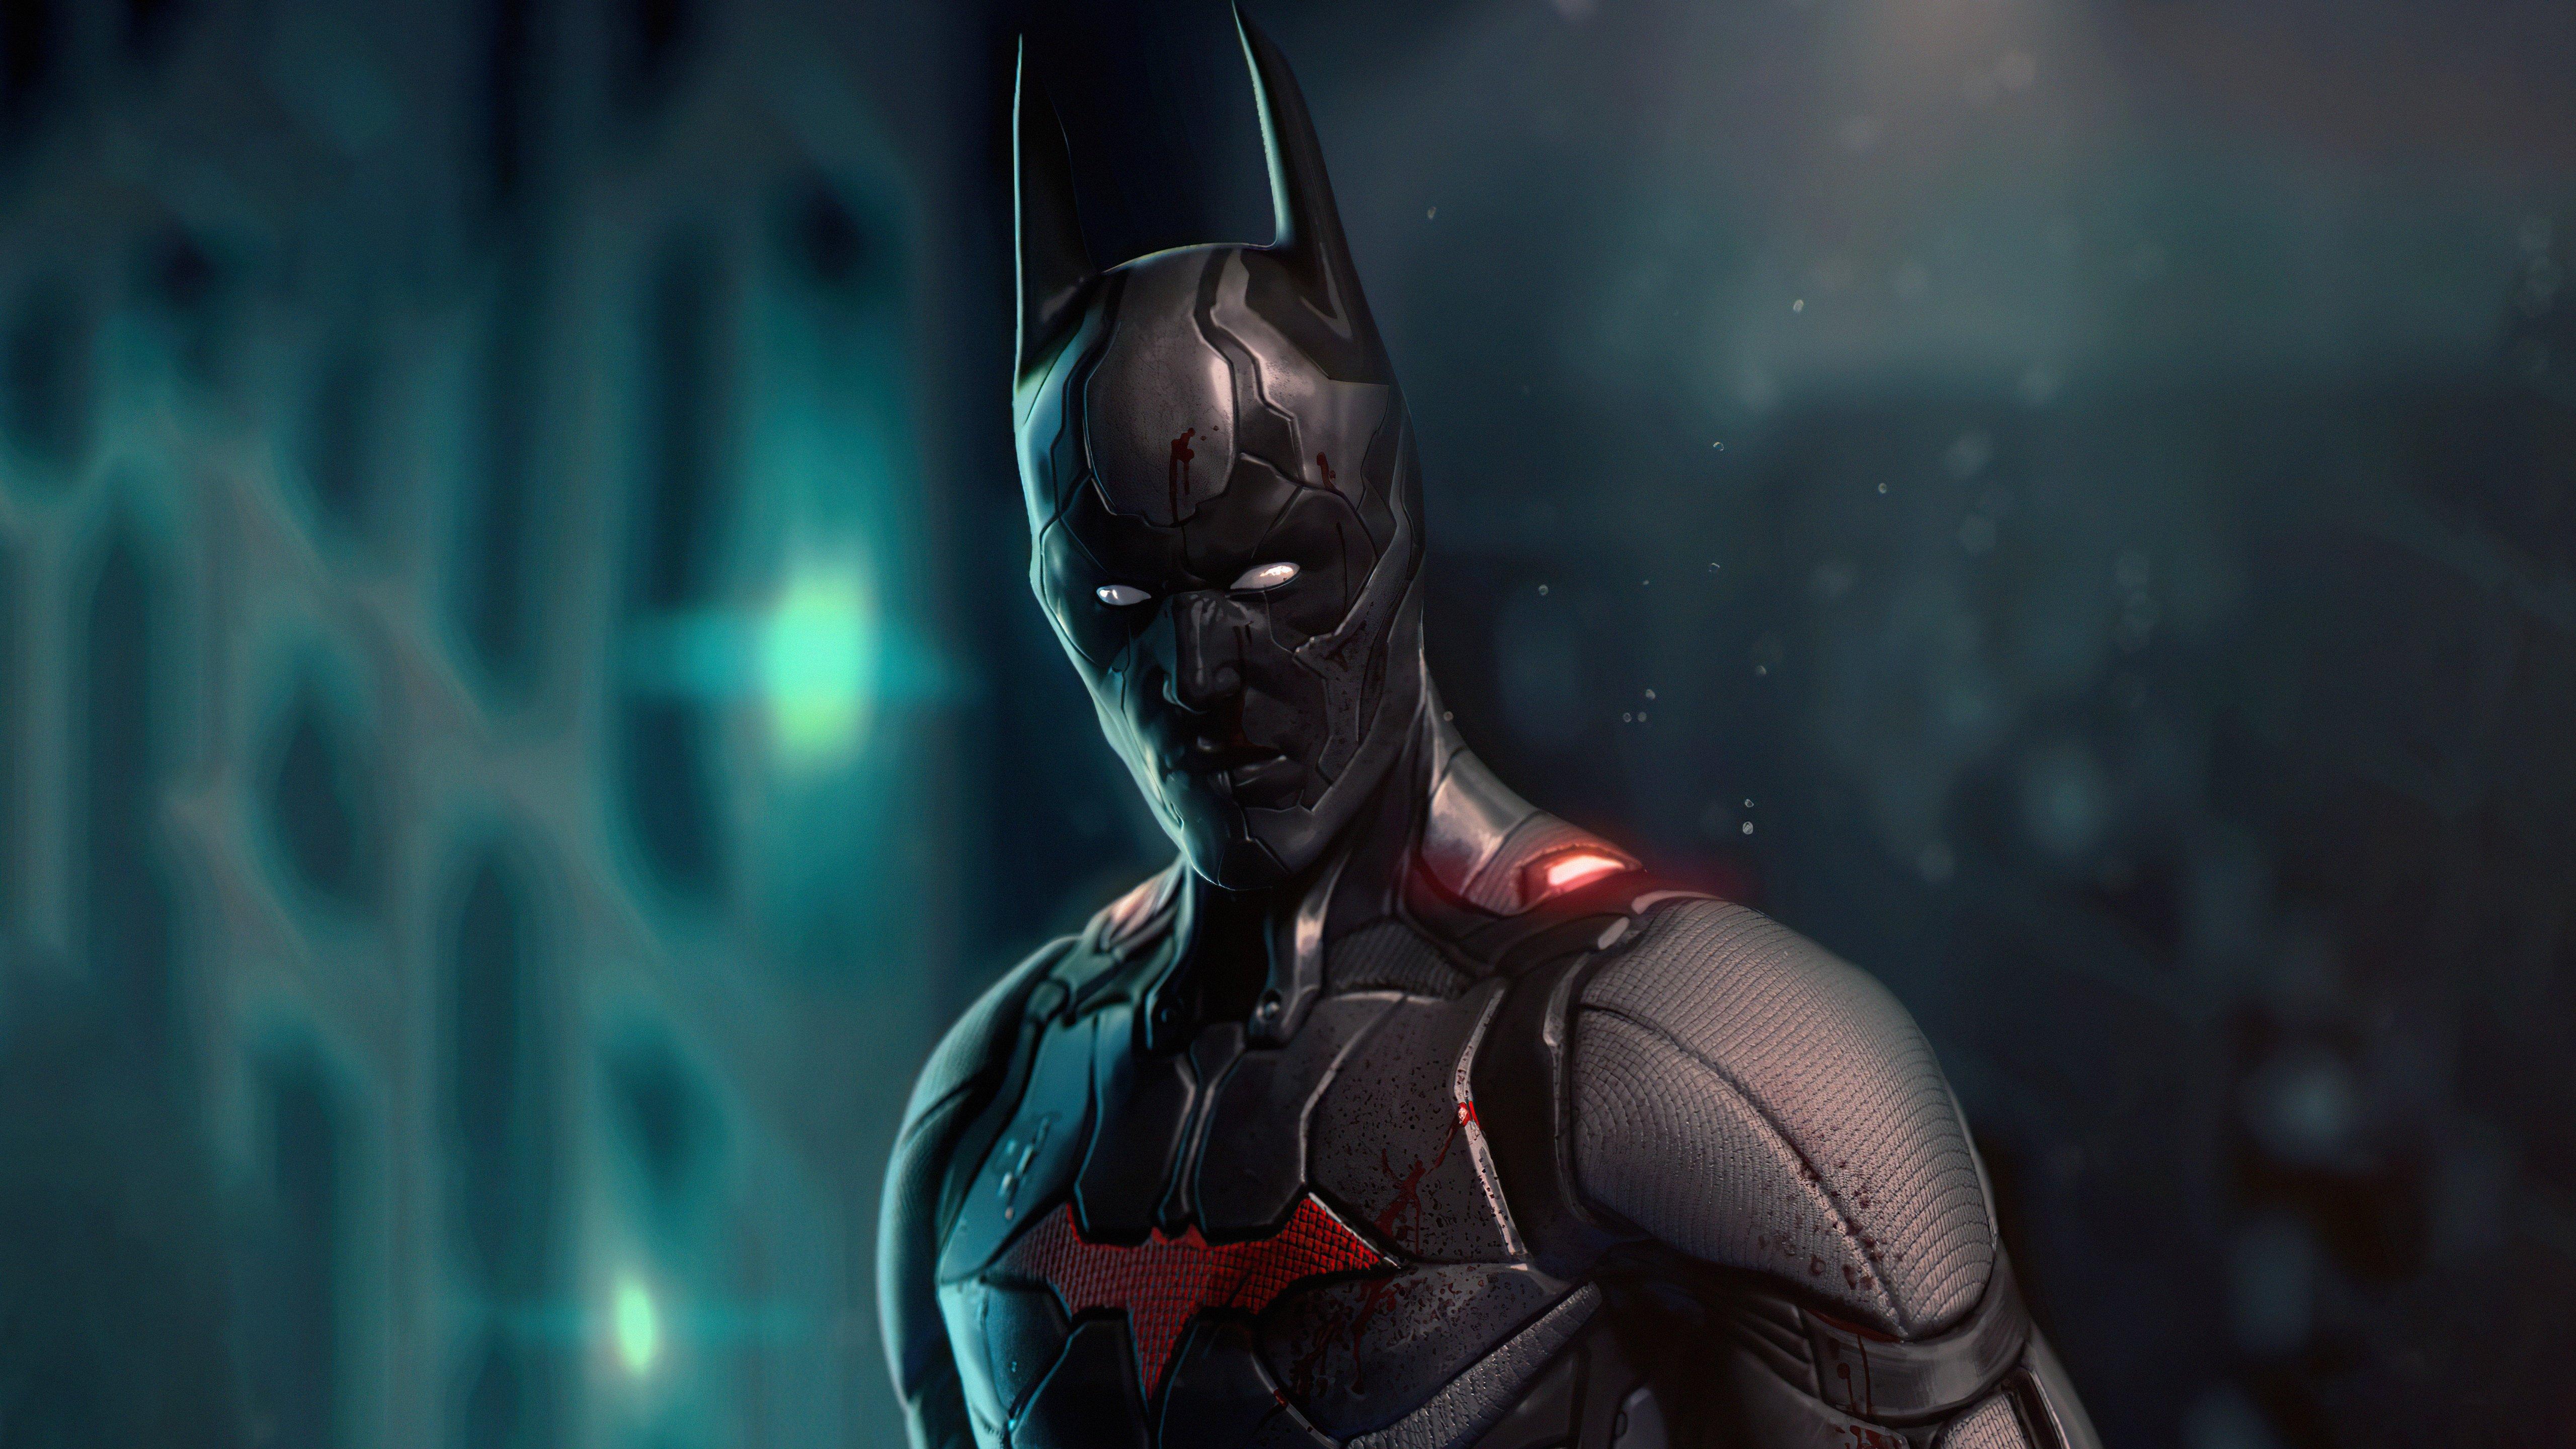 Wallpaper The batman Beyond